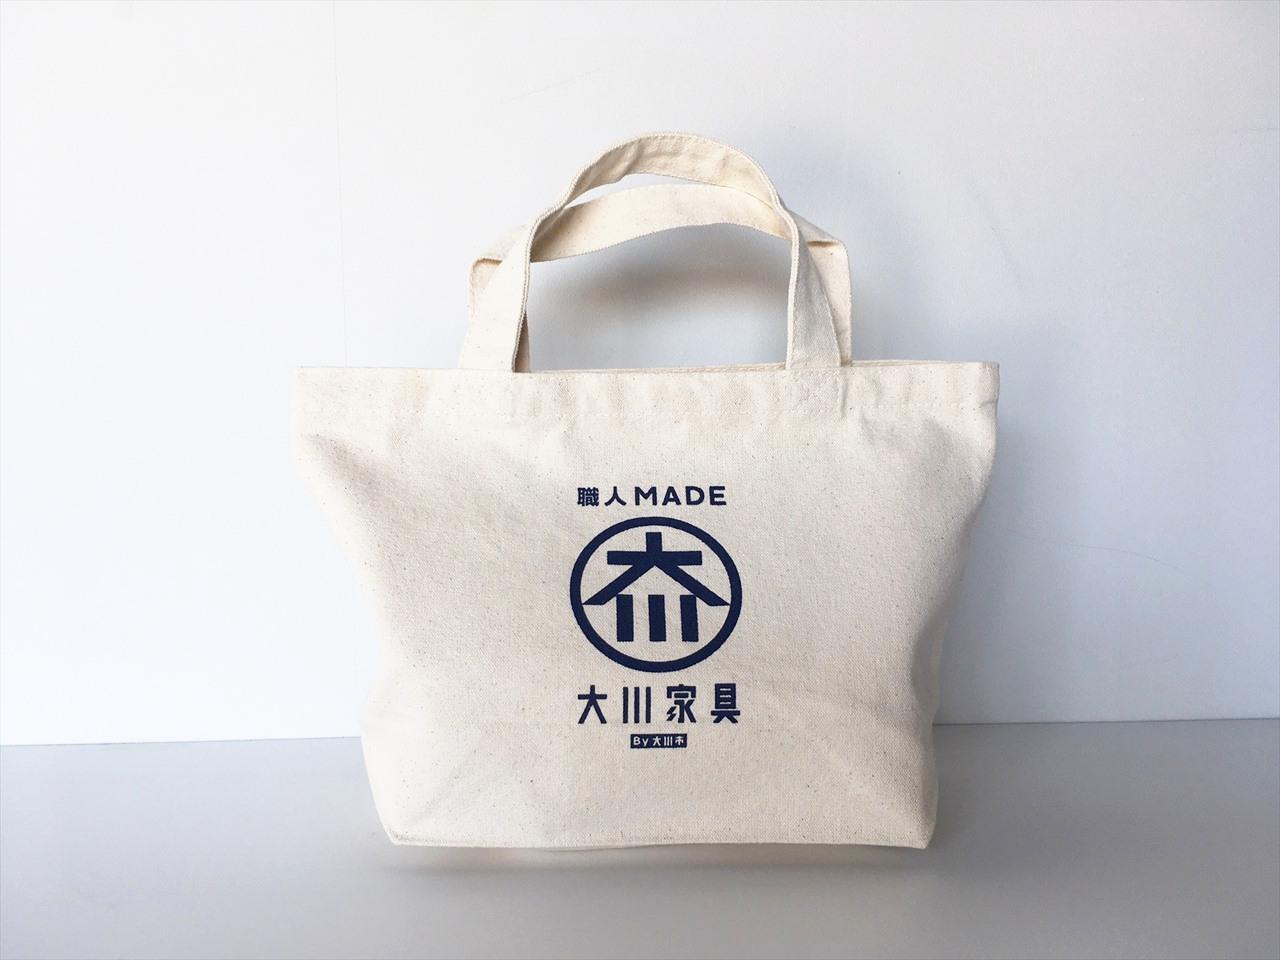 職人MADE大川 バックS(大川観光協会)